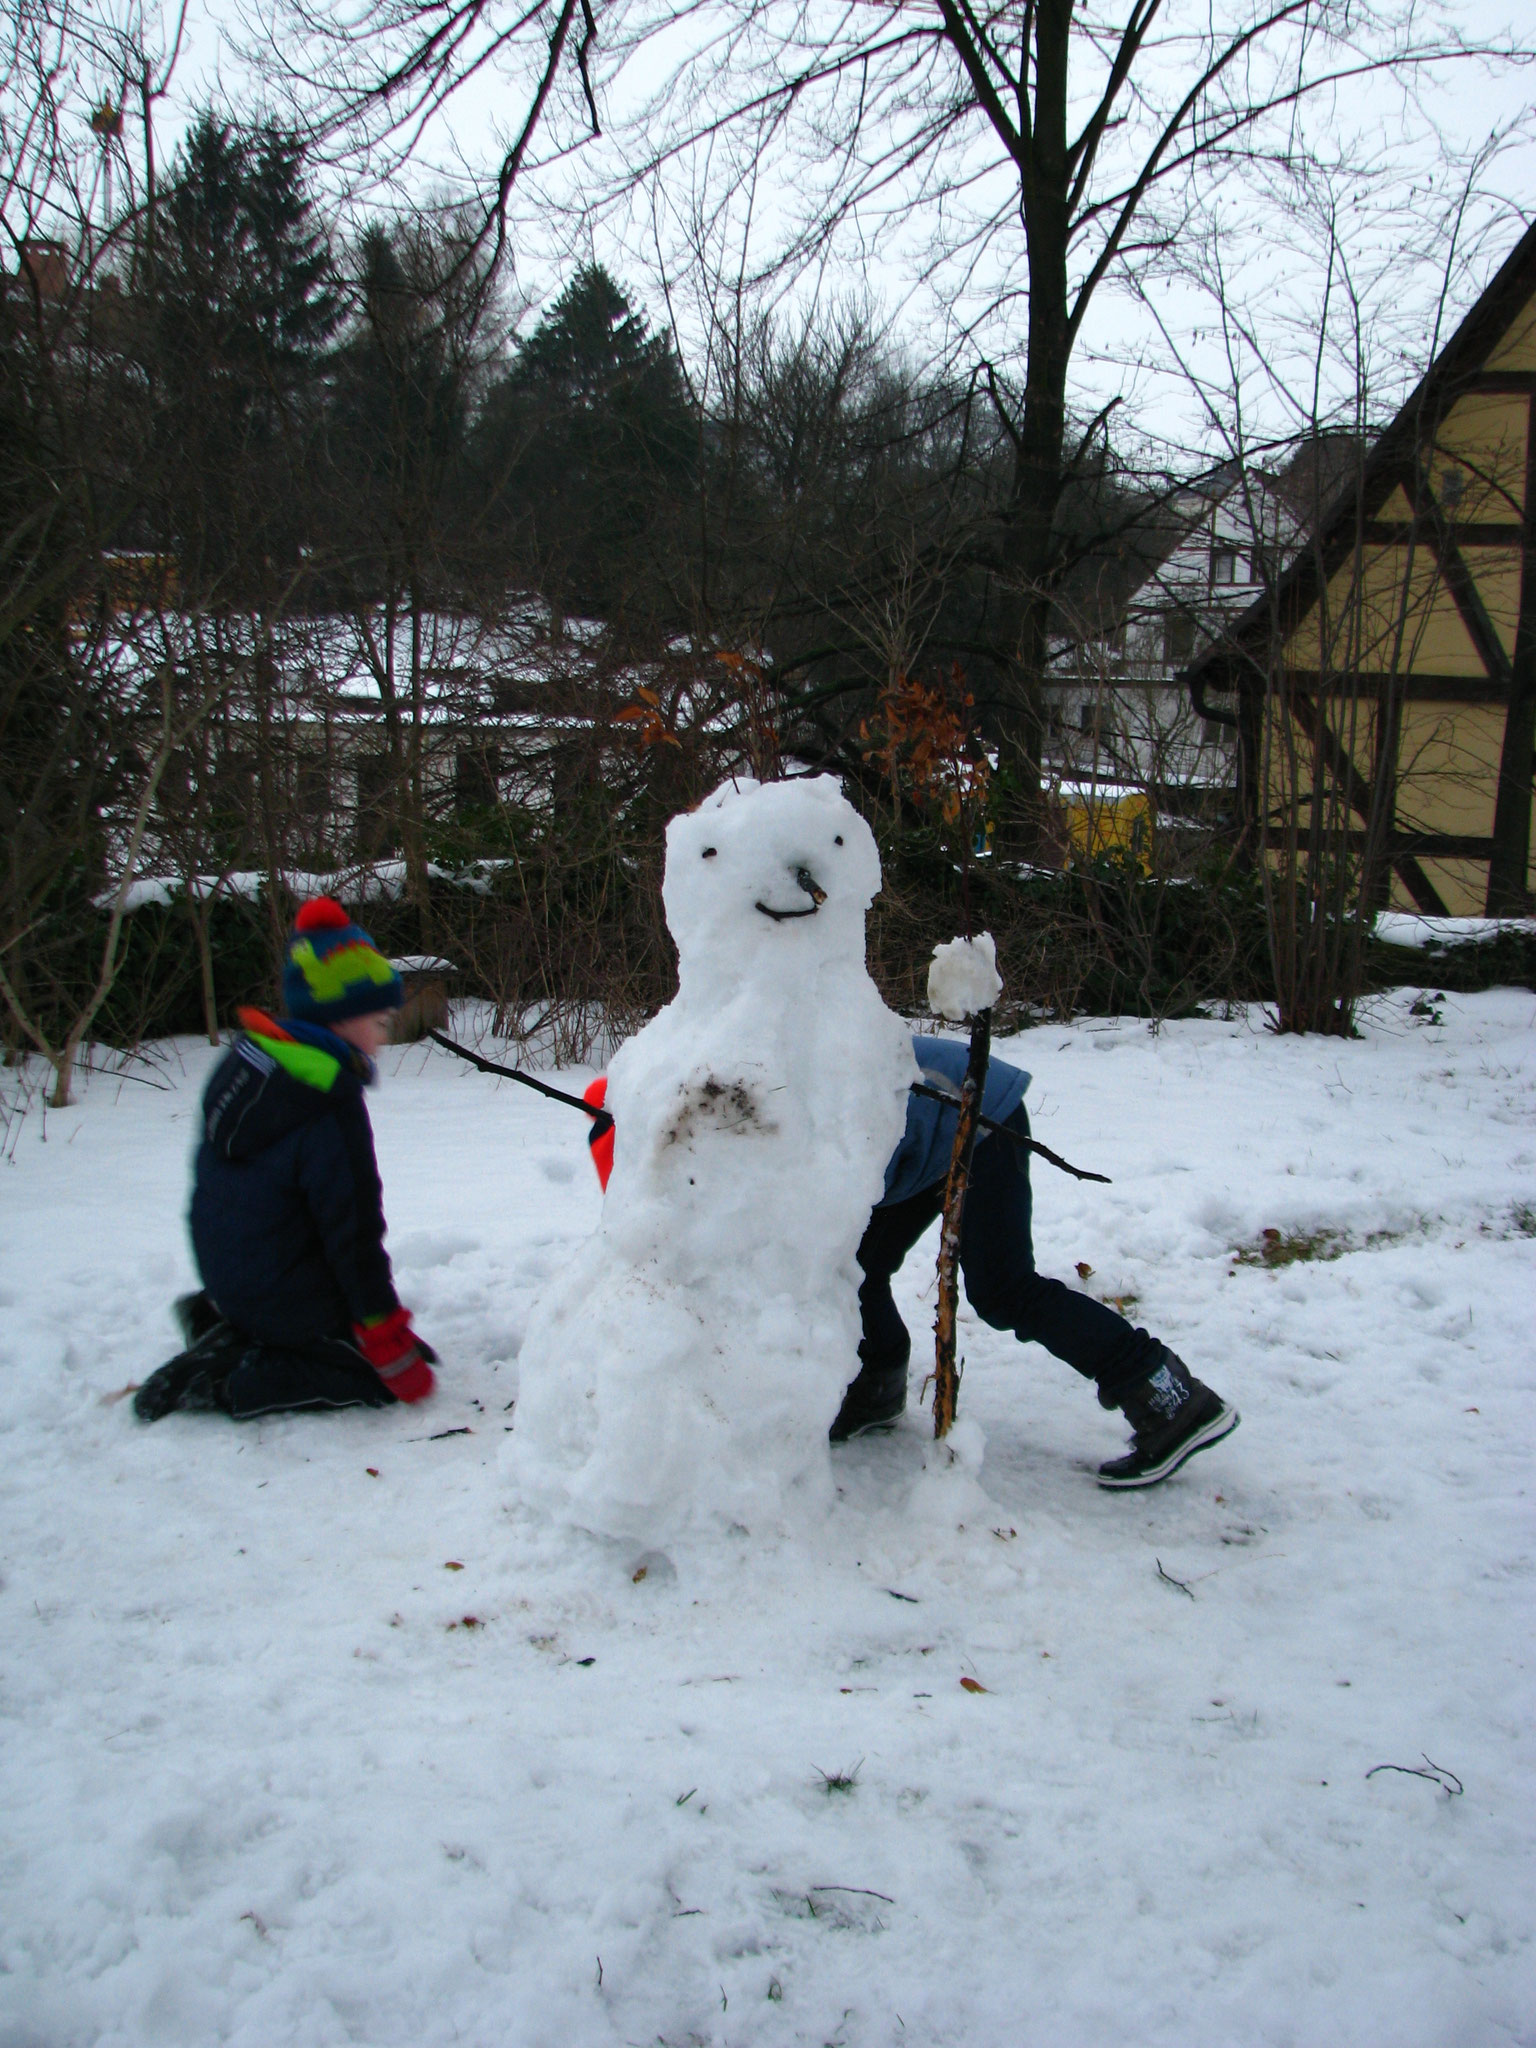 Auf diesem Schneemann kann ein Vogel landen